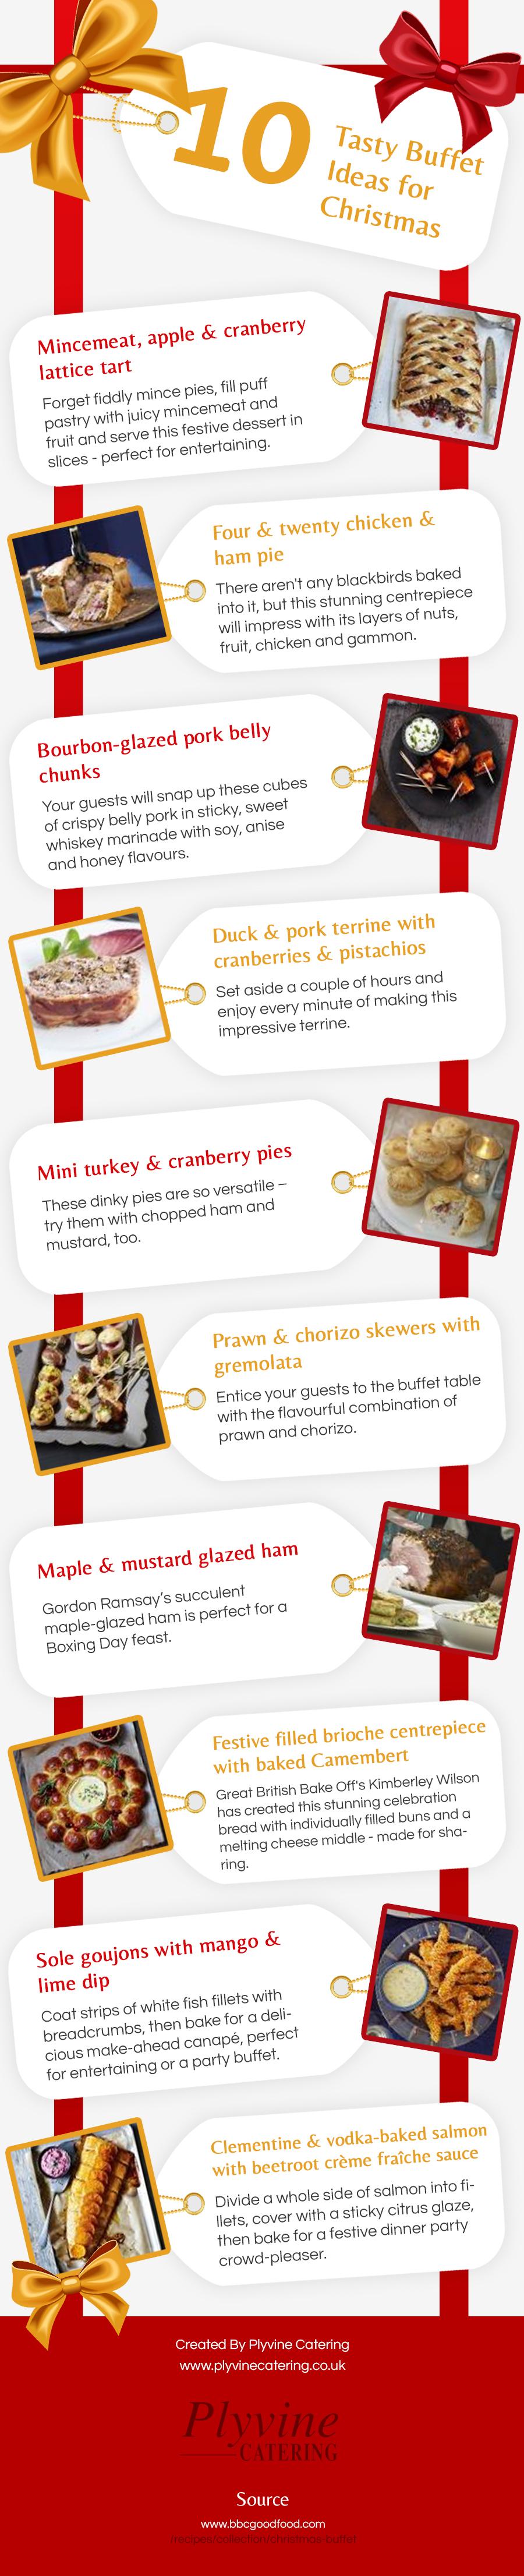 10 Tasty Buffet Ideas For Christmas